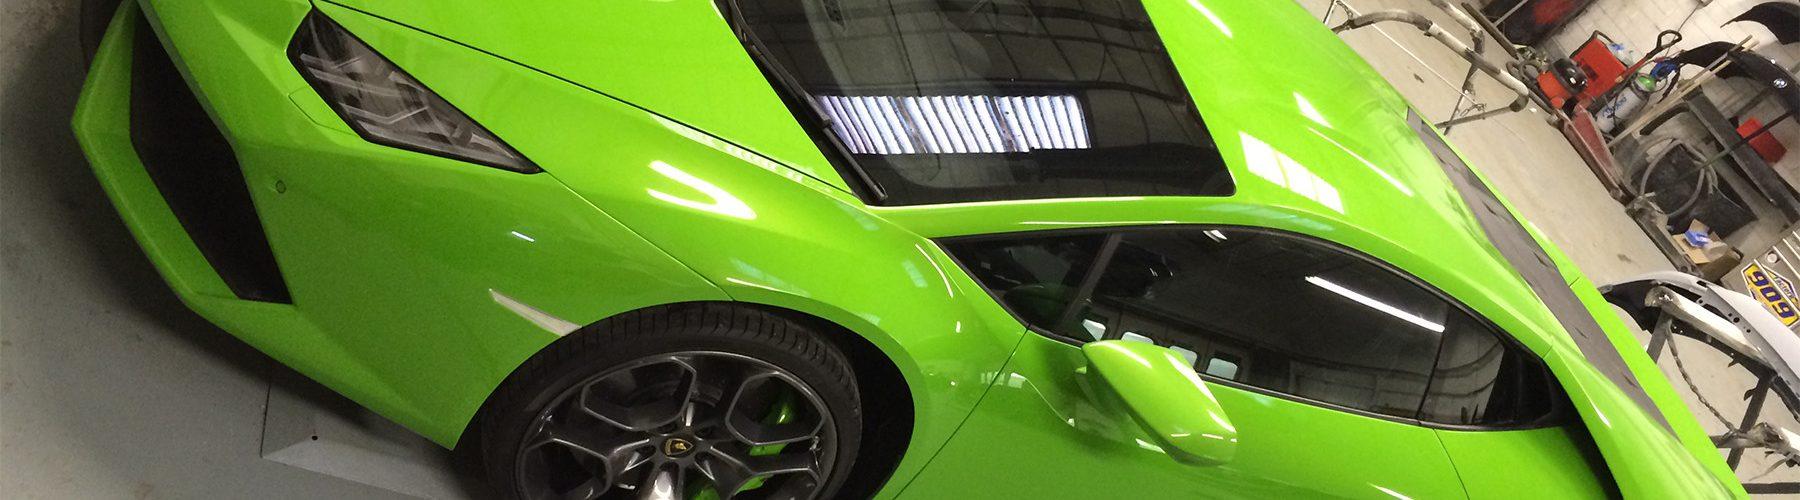 green-lambo